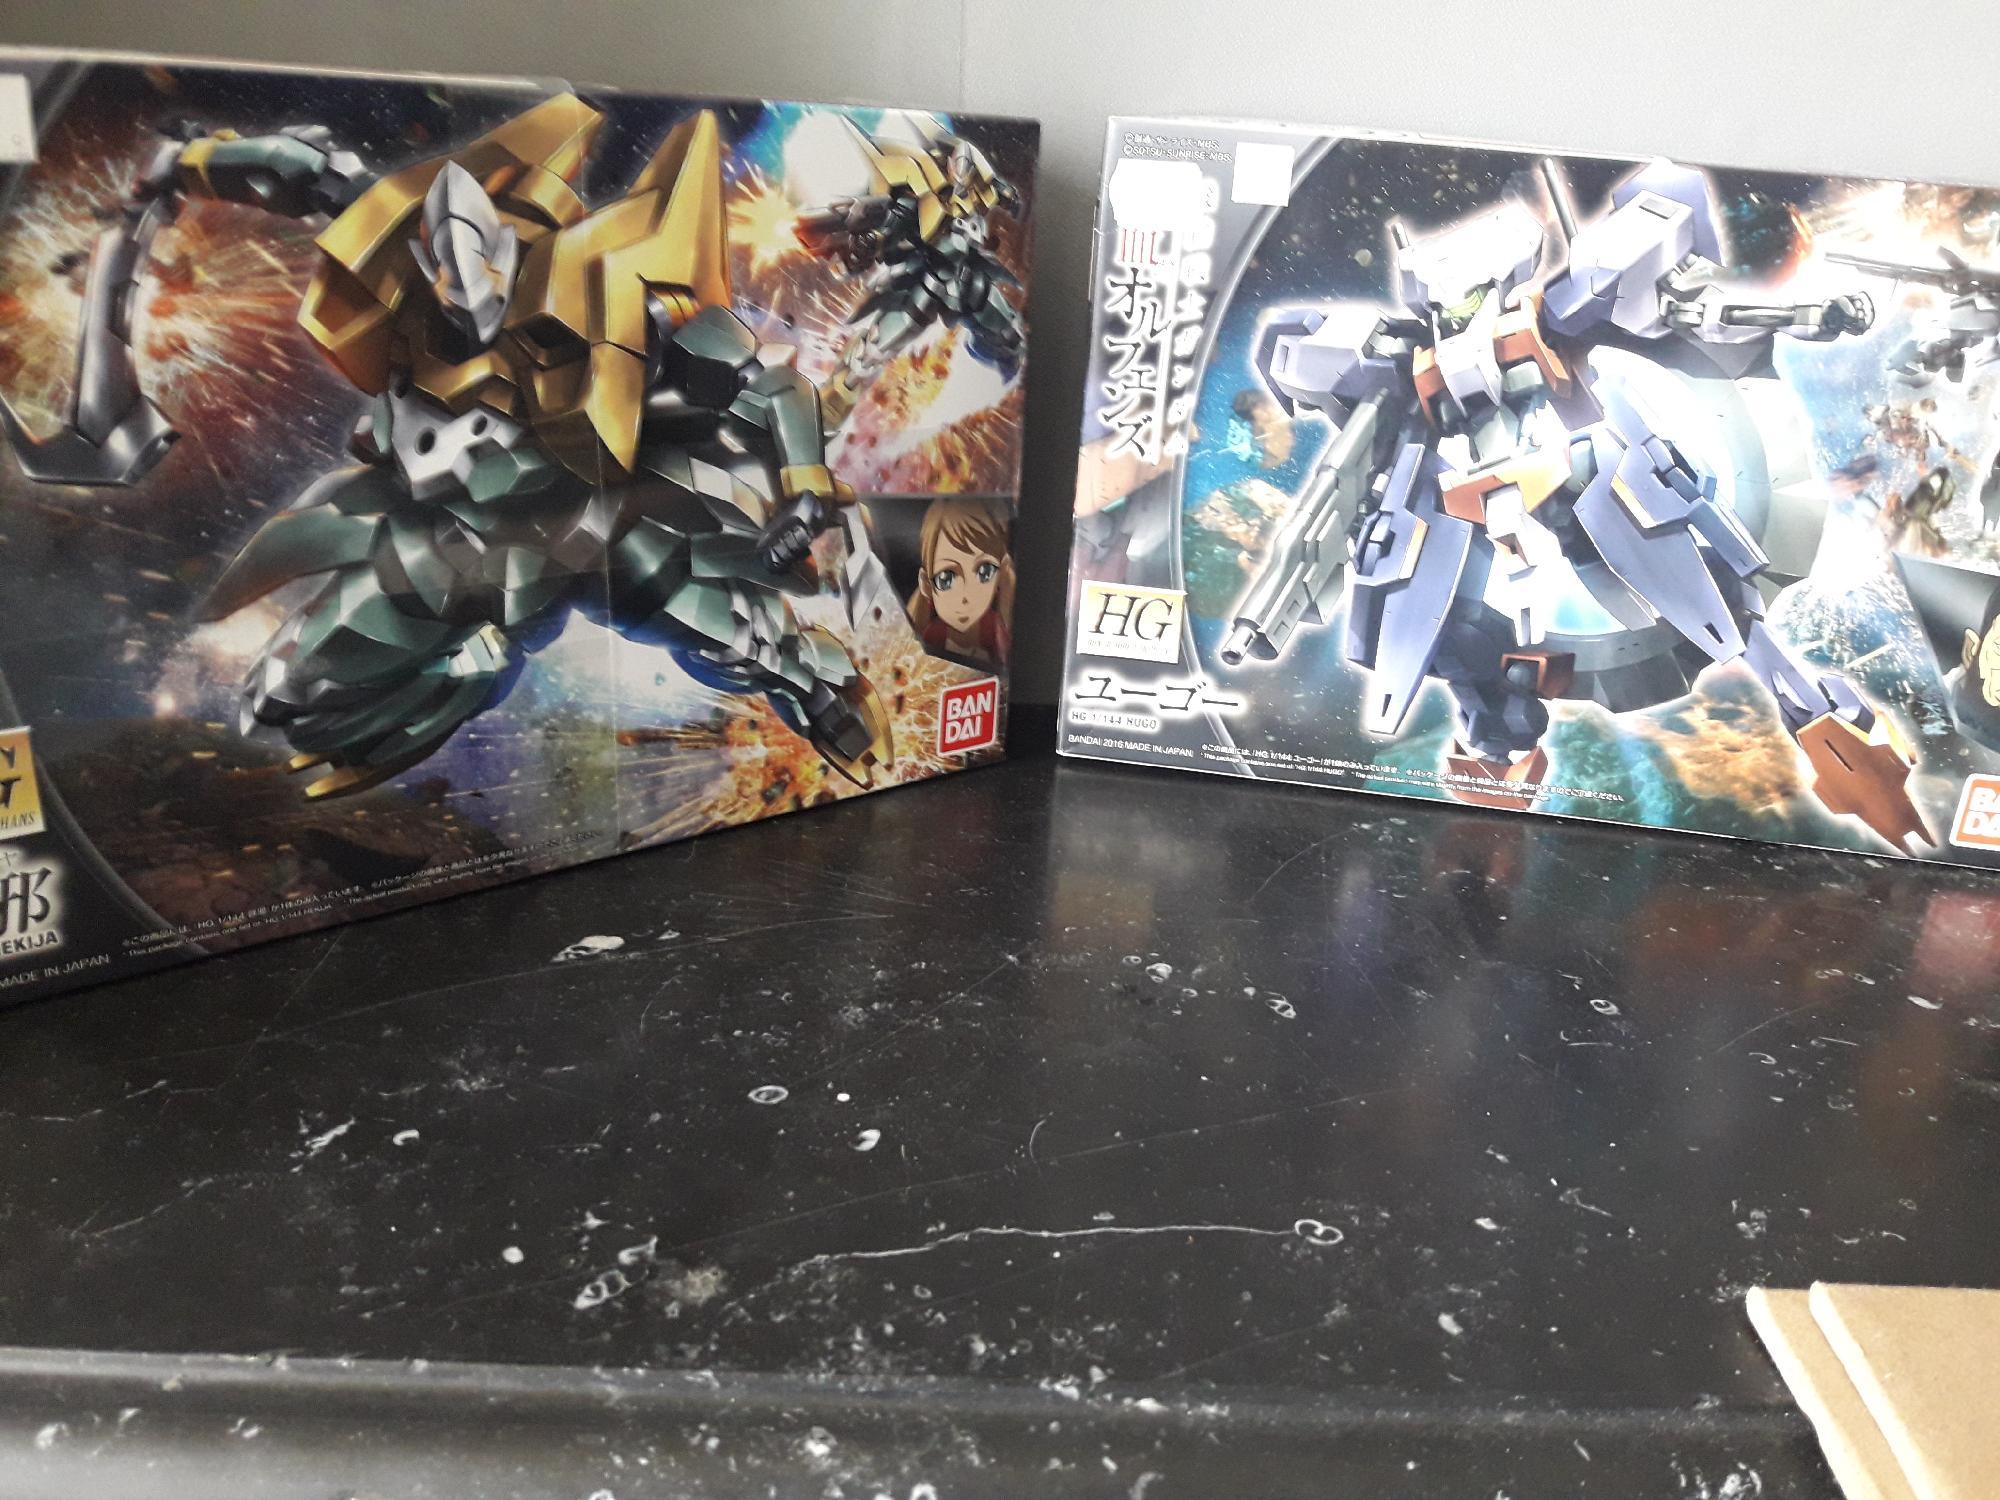 My new gundam kits